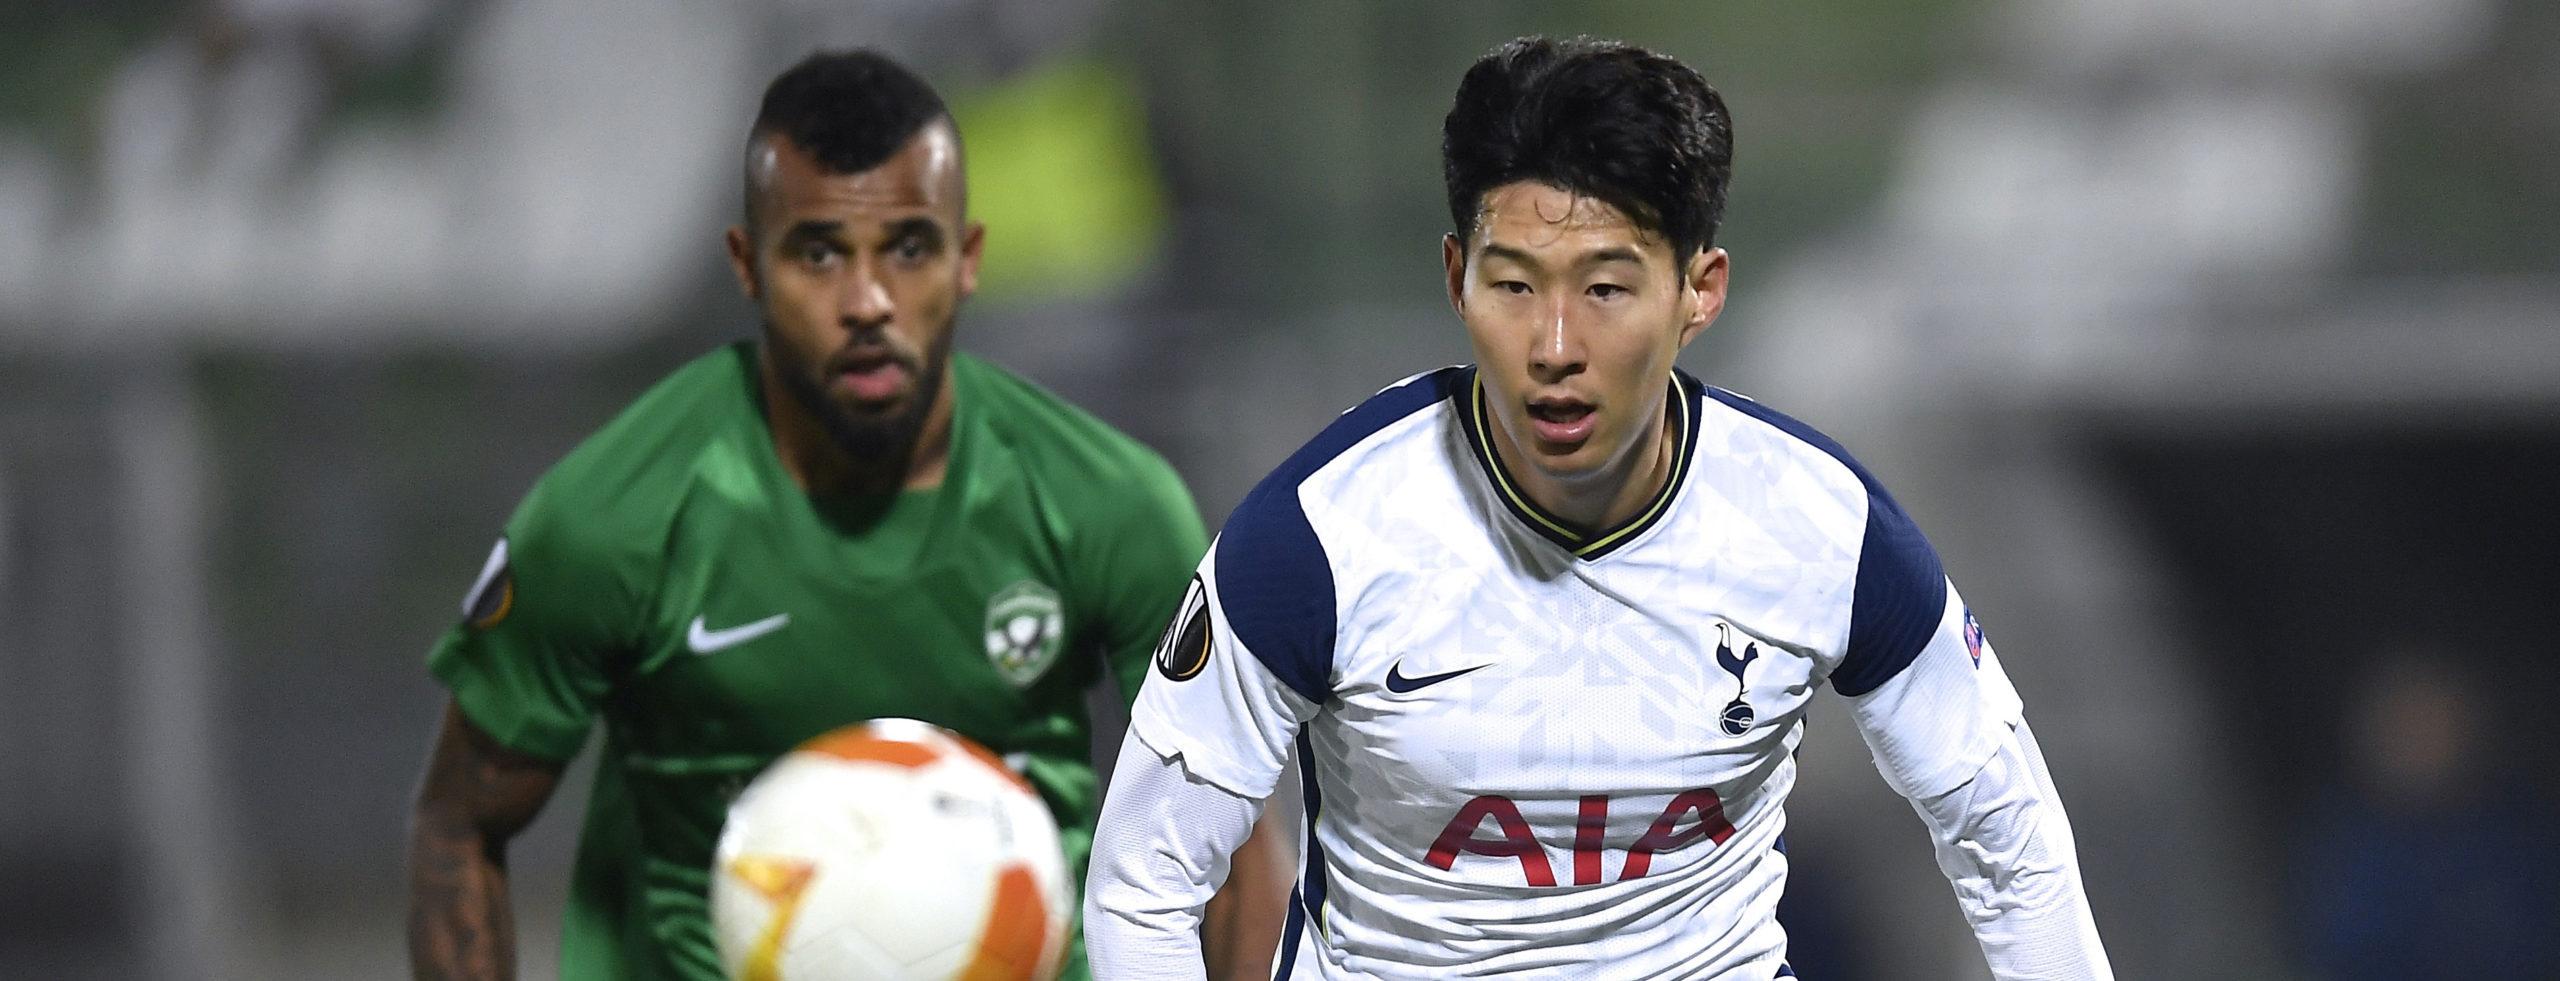 Tottenham vs Ludogorets: Fast start for Spurs